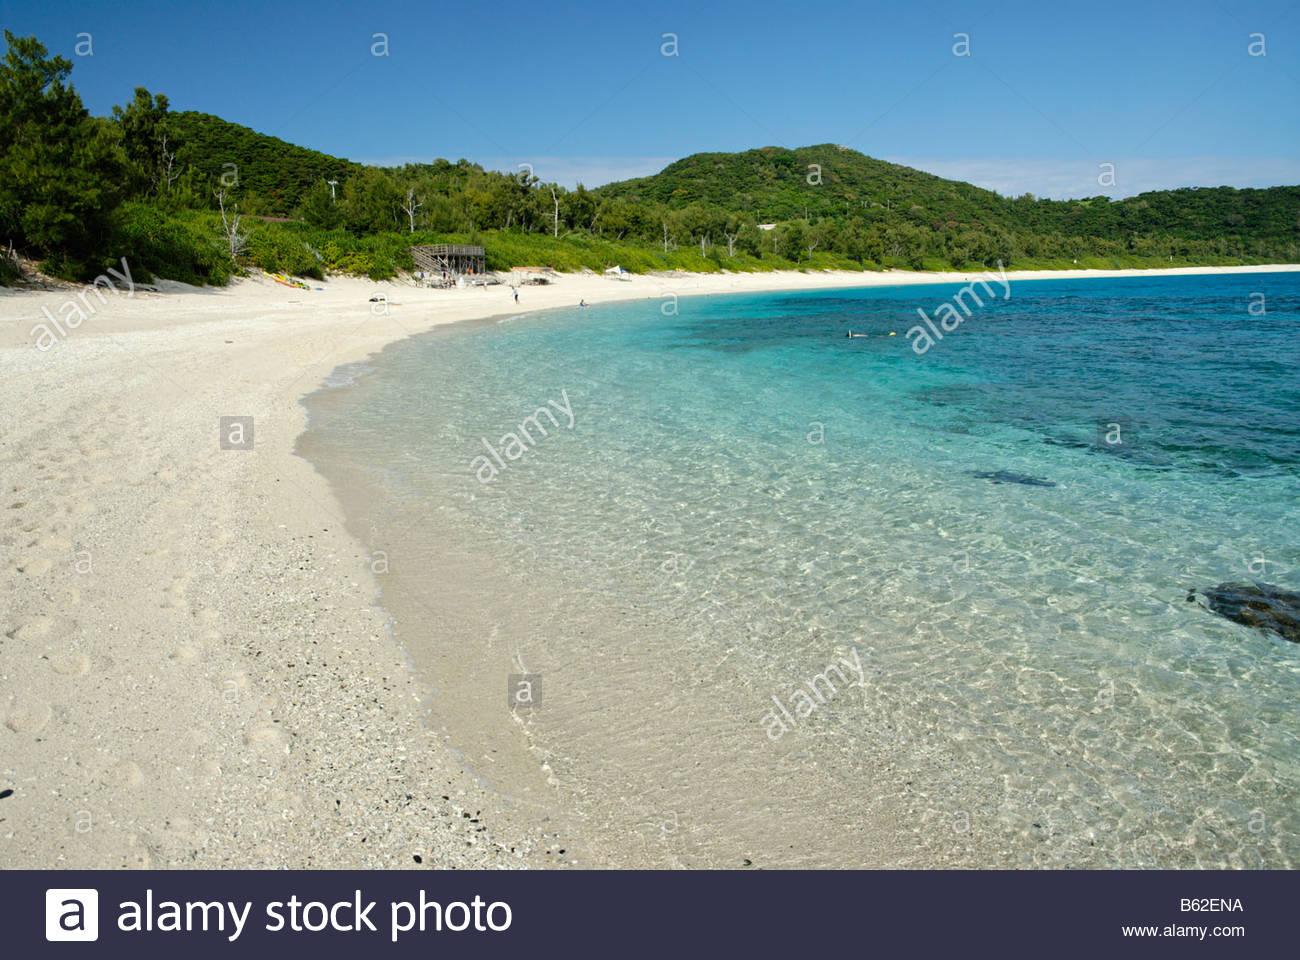 Furuzamami beach on Zamami island in the Kerama islands near Okinawa - Stock Image